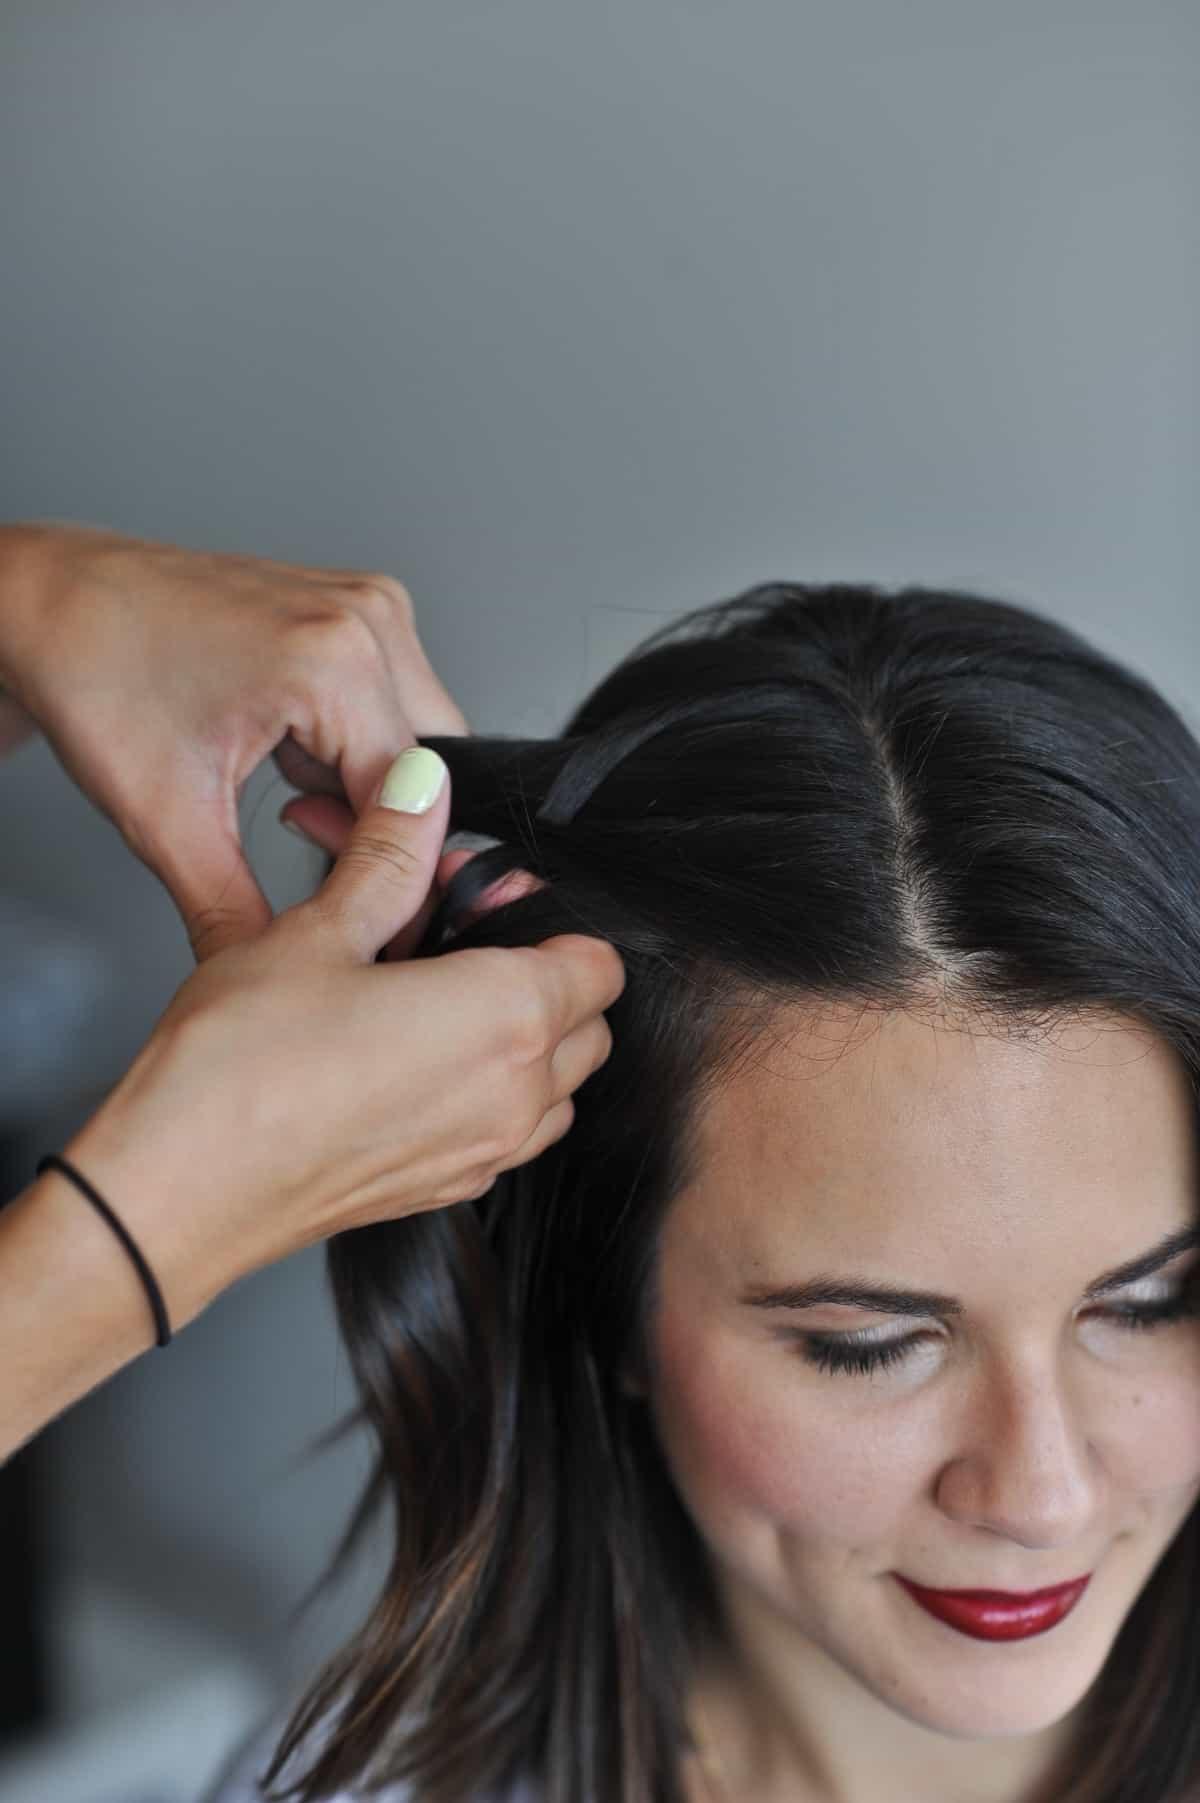 fishtail braid half up short hair via @mystylevita - Fishtail braid tutorial for short hair